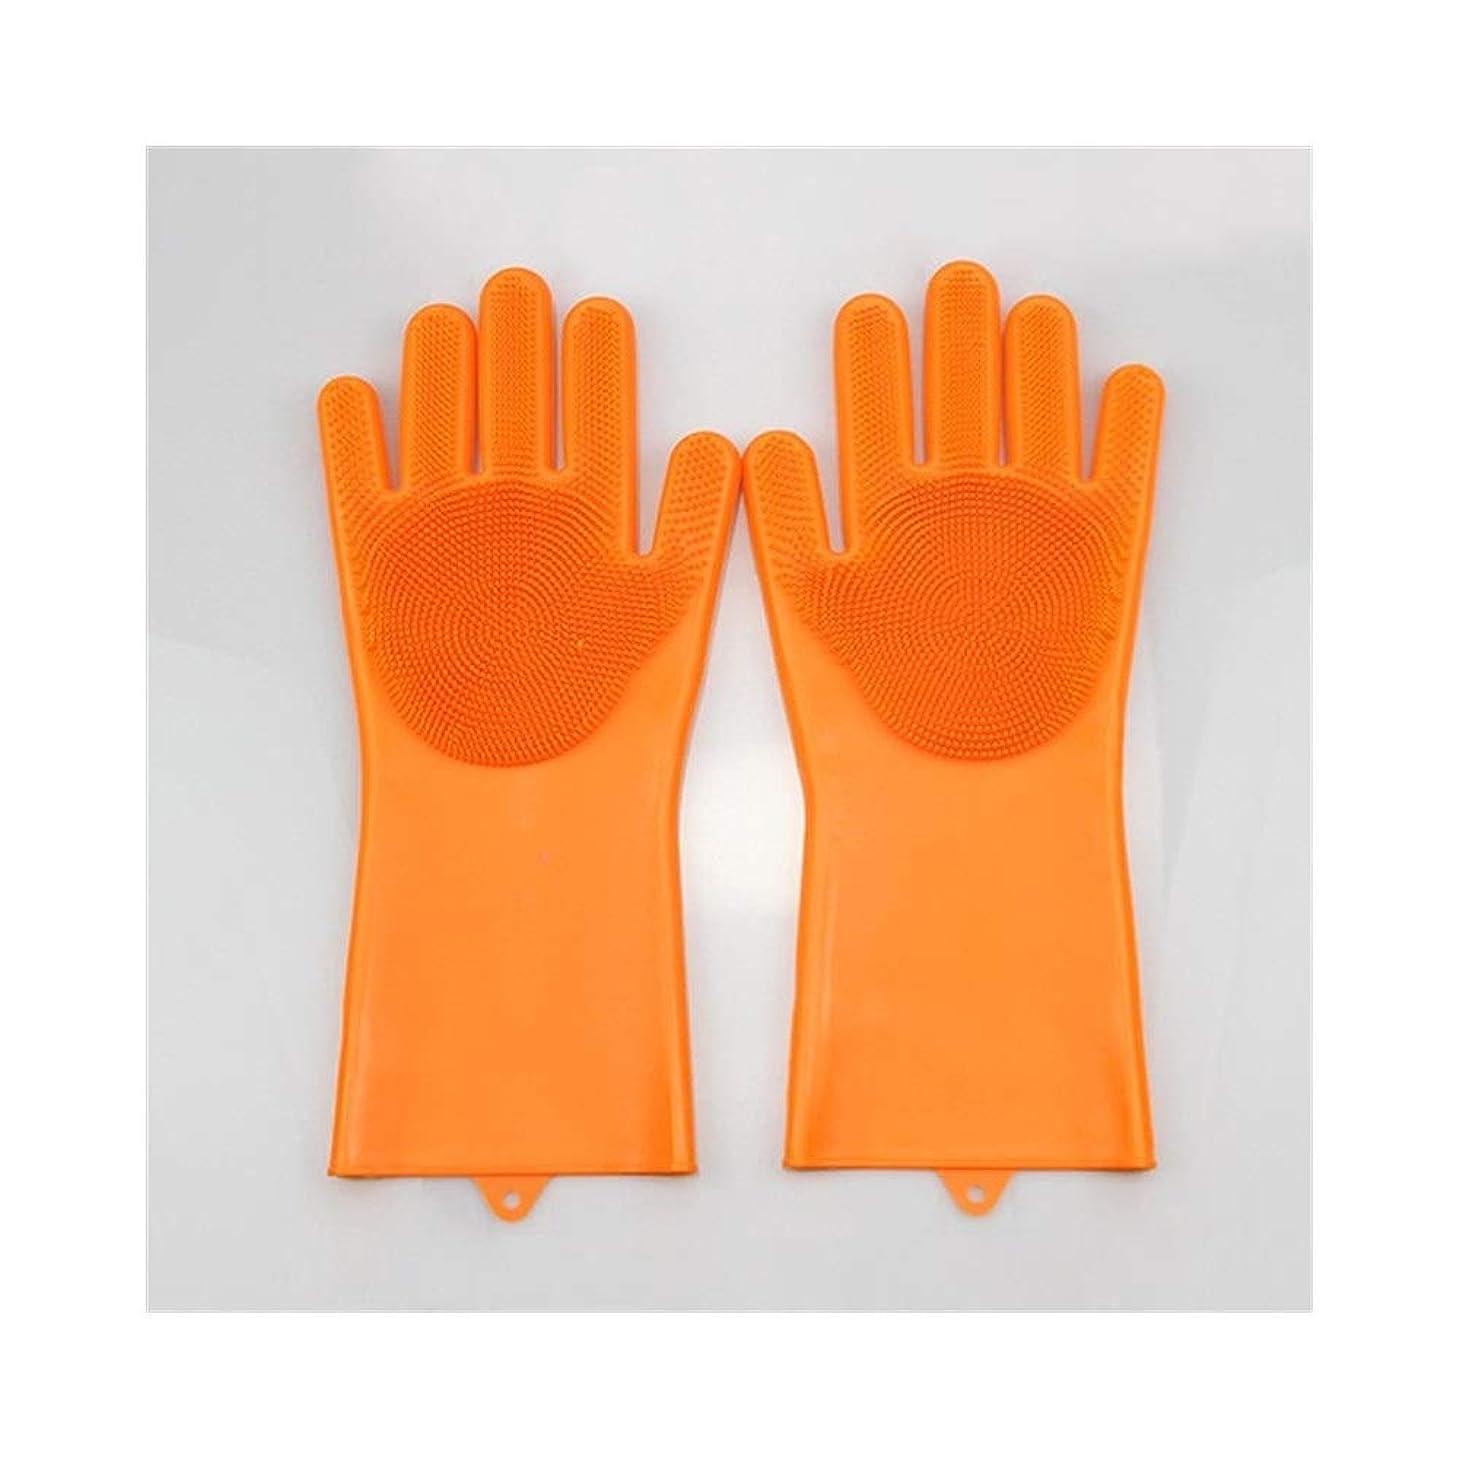 主にケーブルカーずんぐりしたBTXXYJP キッチン用手袋 手袋 掃除用 ロング 耐摩耗 食器洗い 作業 掃除 炊事 食器洗い 園芸 洗車 防水 手袋 (Color : Orange, Size : L)